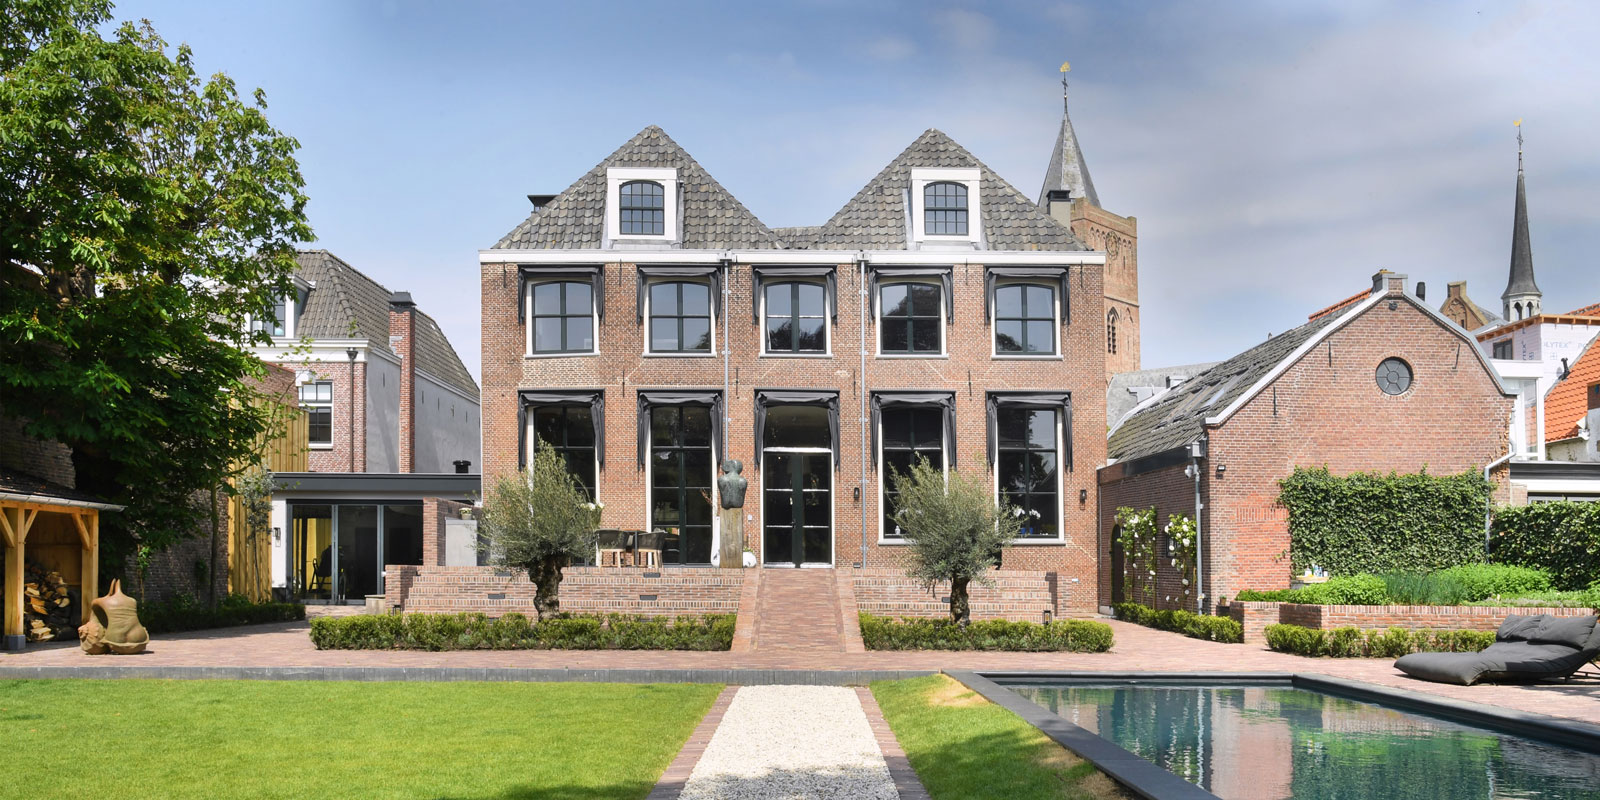 Van Manen   herenhuis, the art of living